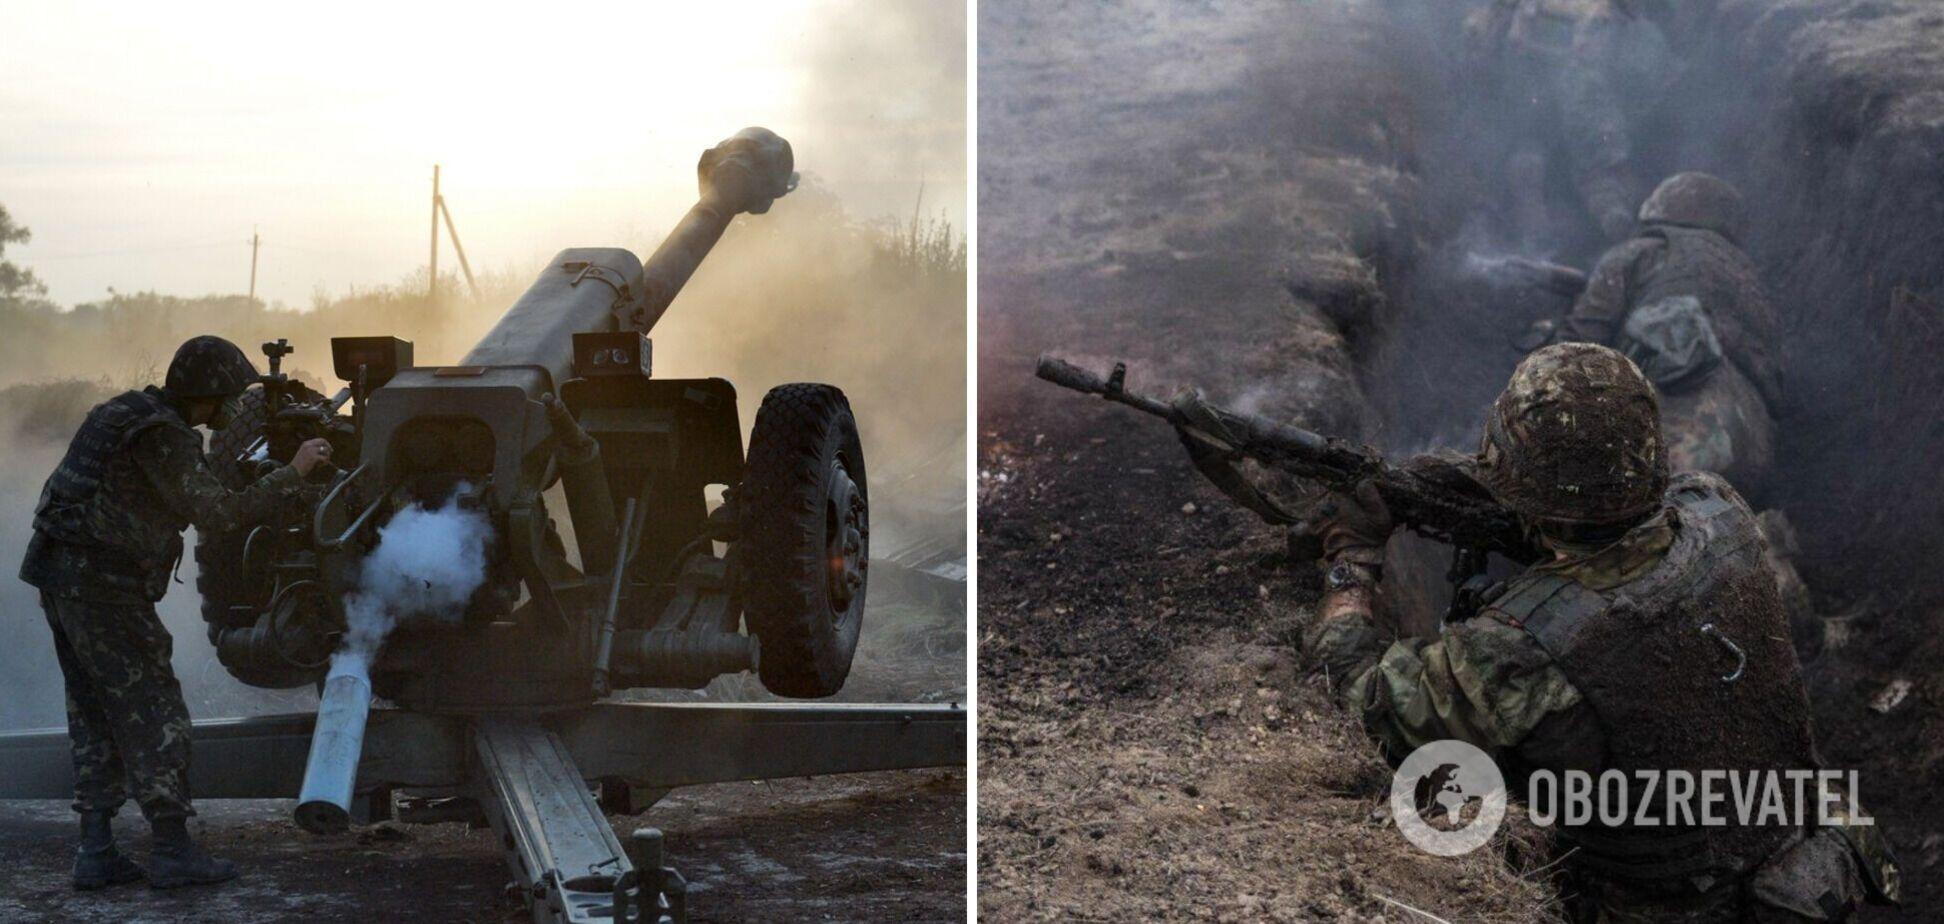 Наемники РФ на Донбассе обстреляли позиции ВСУ из противотанковых гранатометов и пулеметов